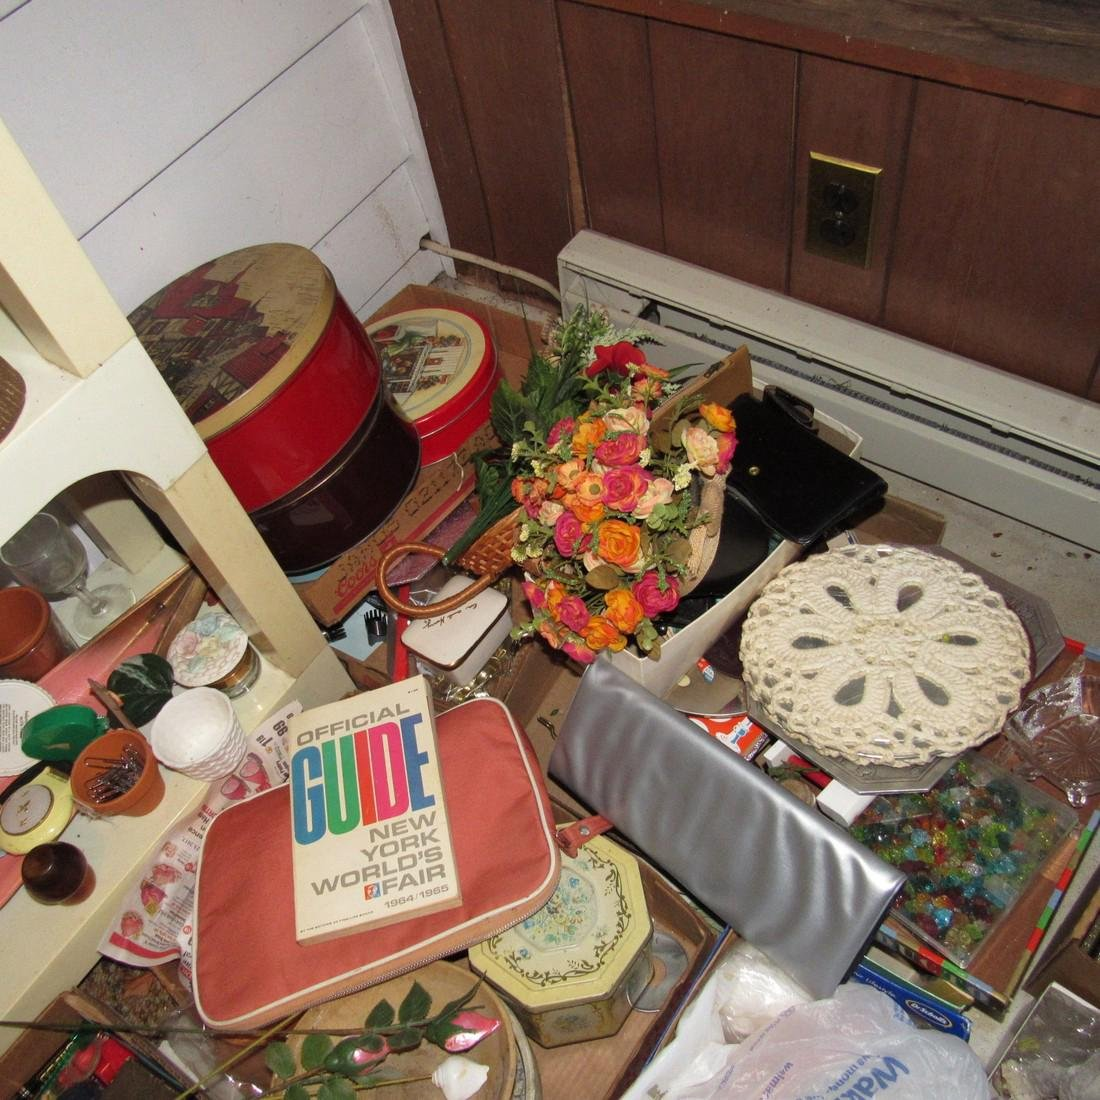 Shelf & Floor Contents Knick Knacks Glassware - 7